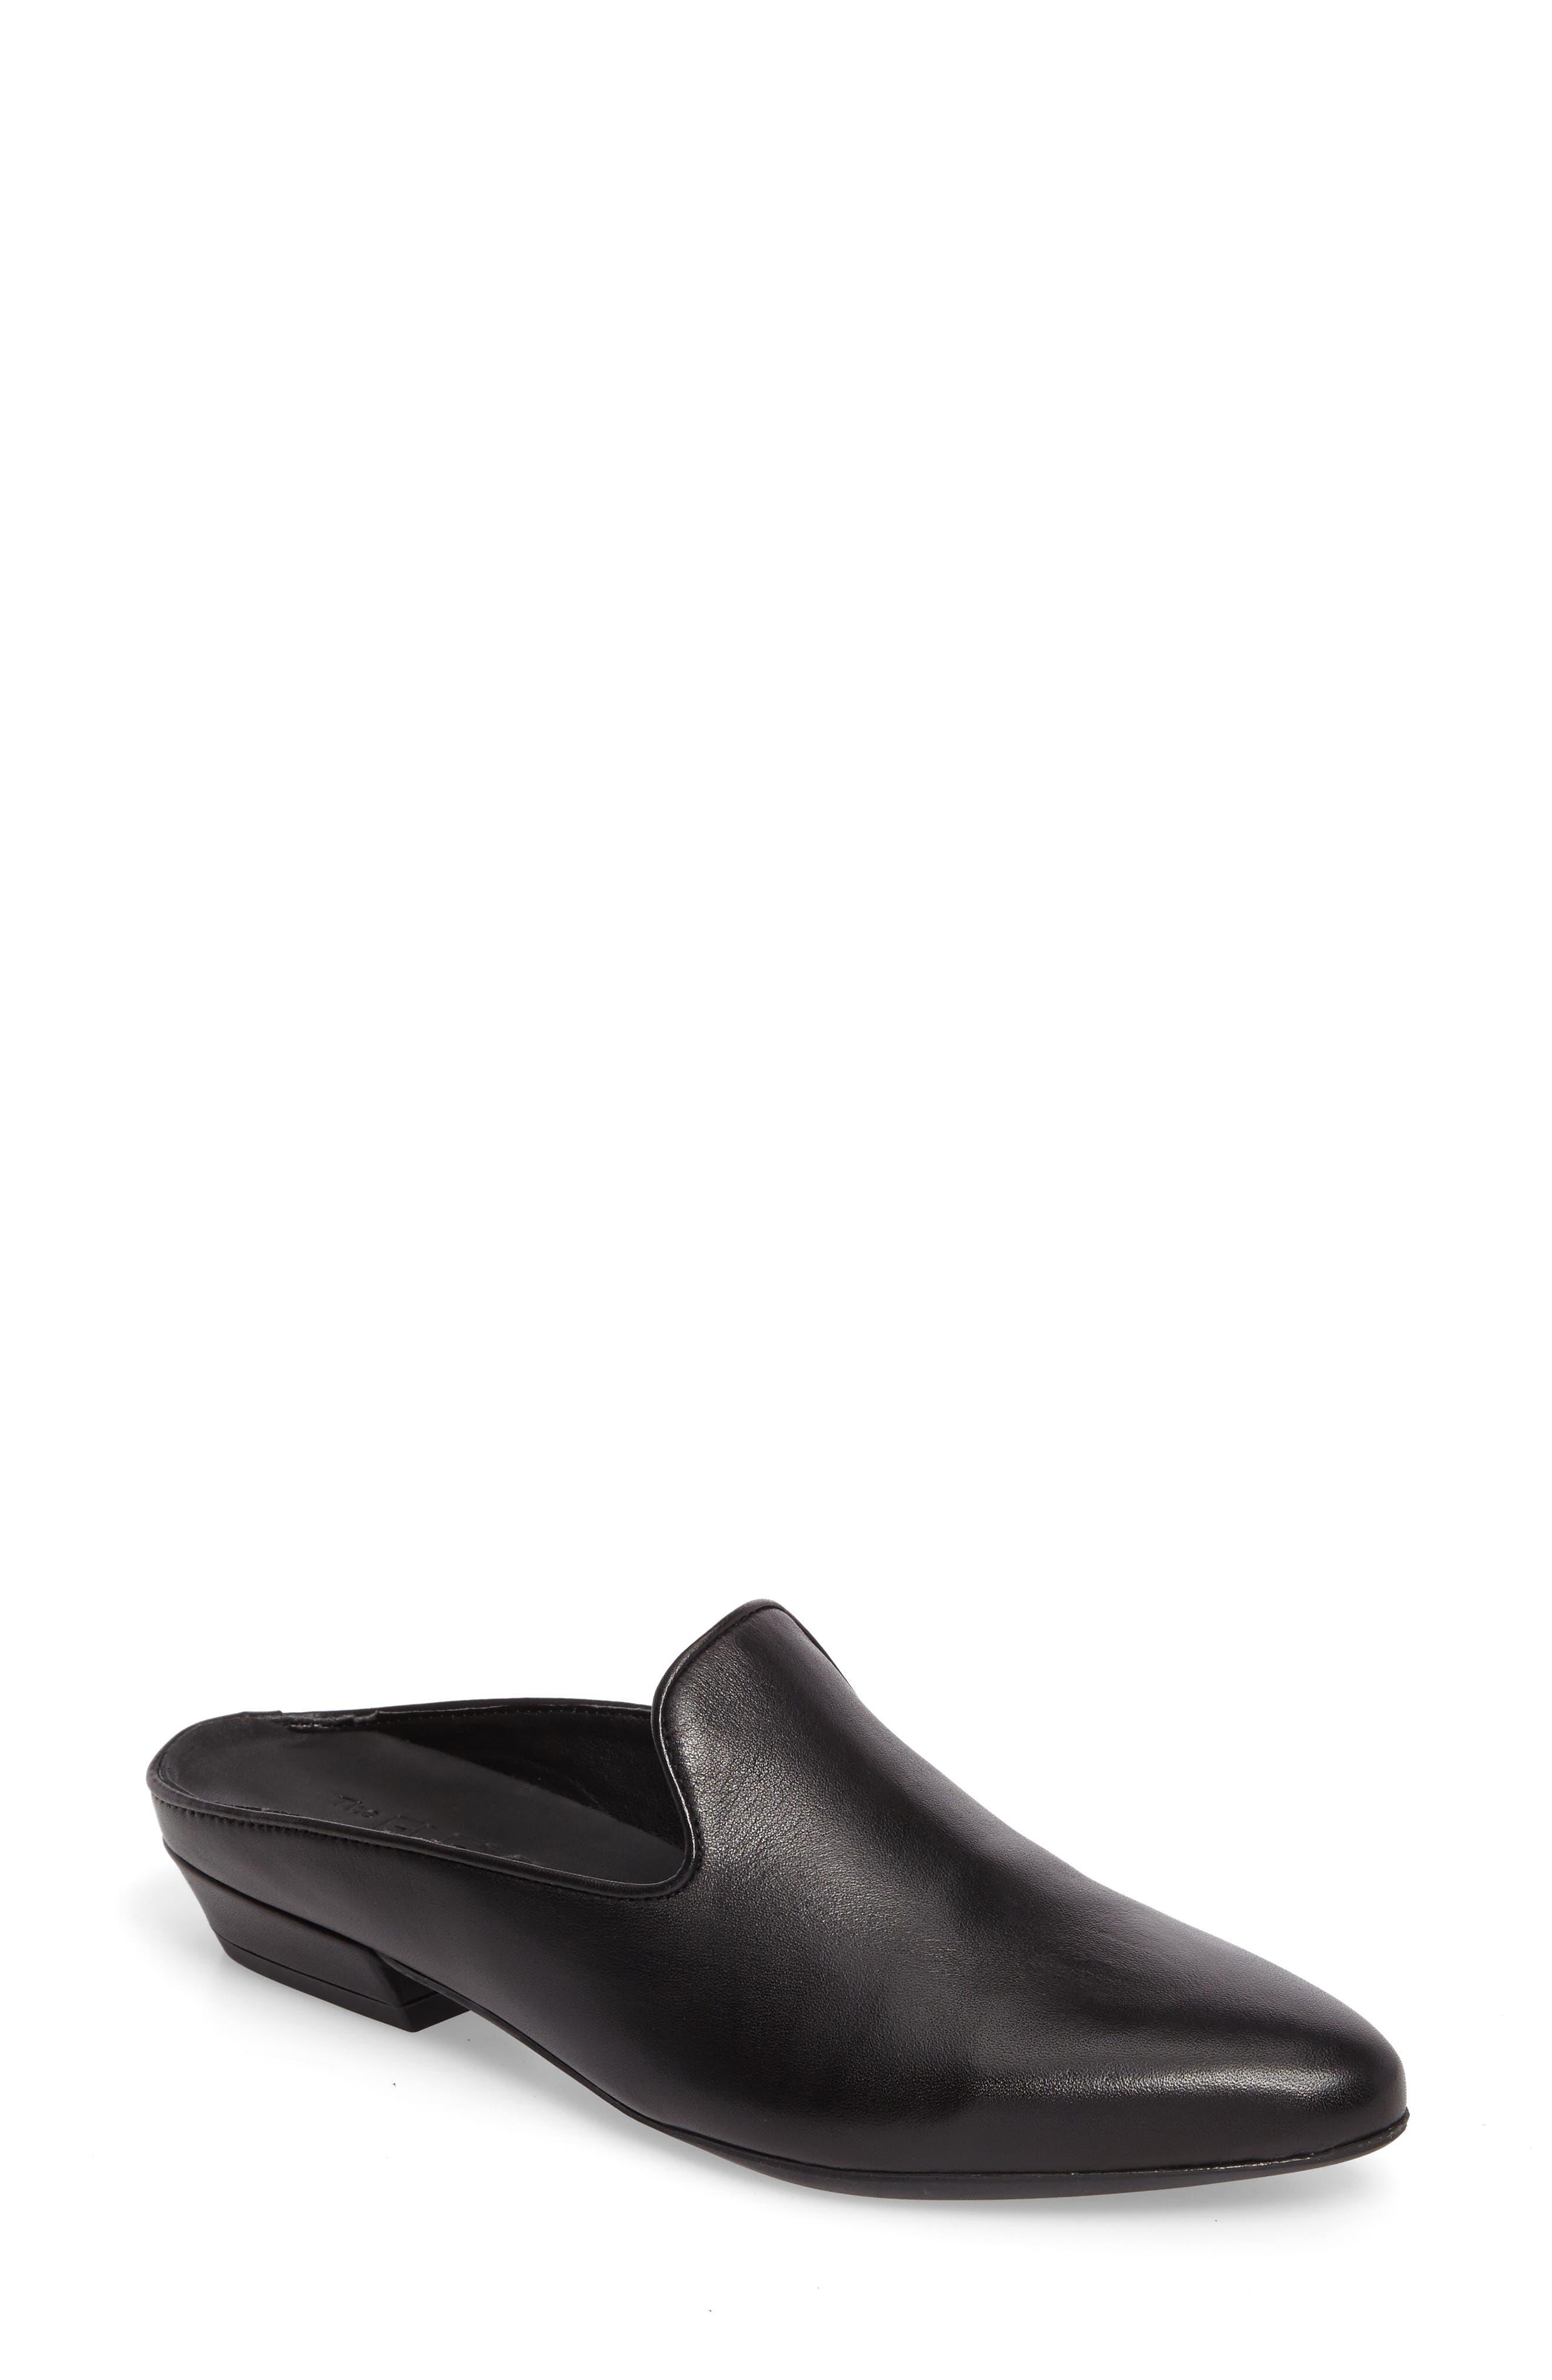 Sisley Mule,                         Main,                         color, Black